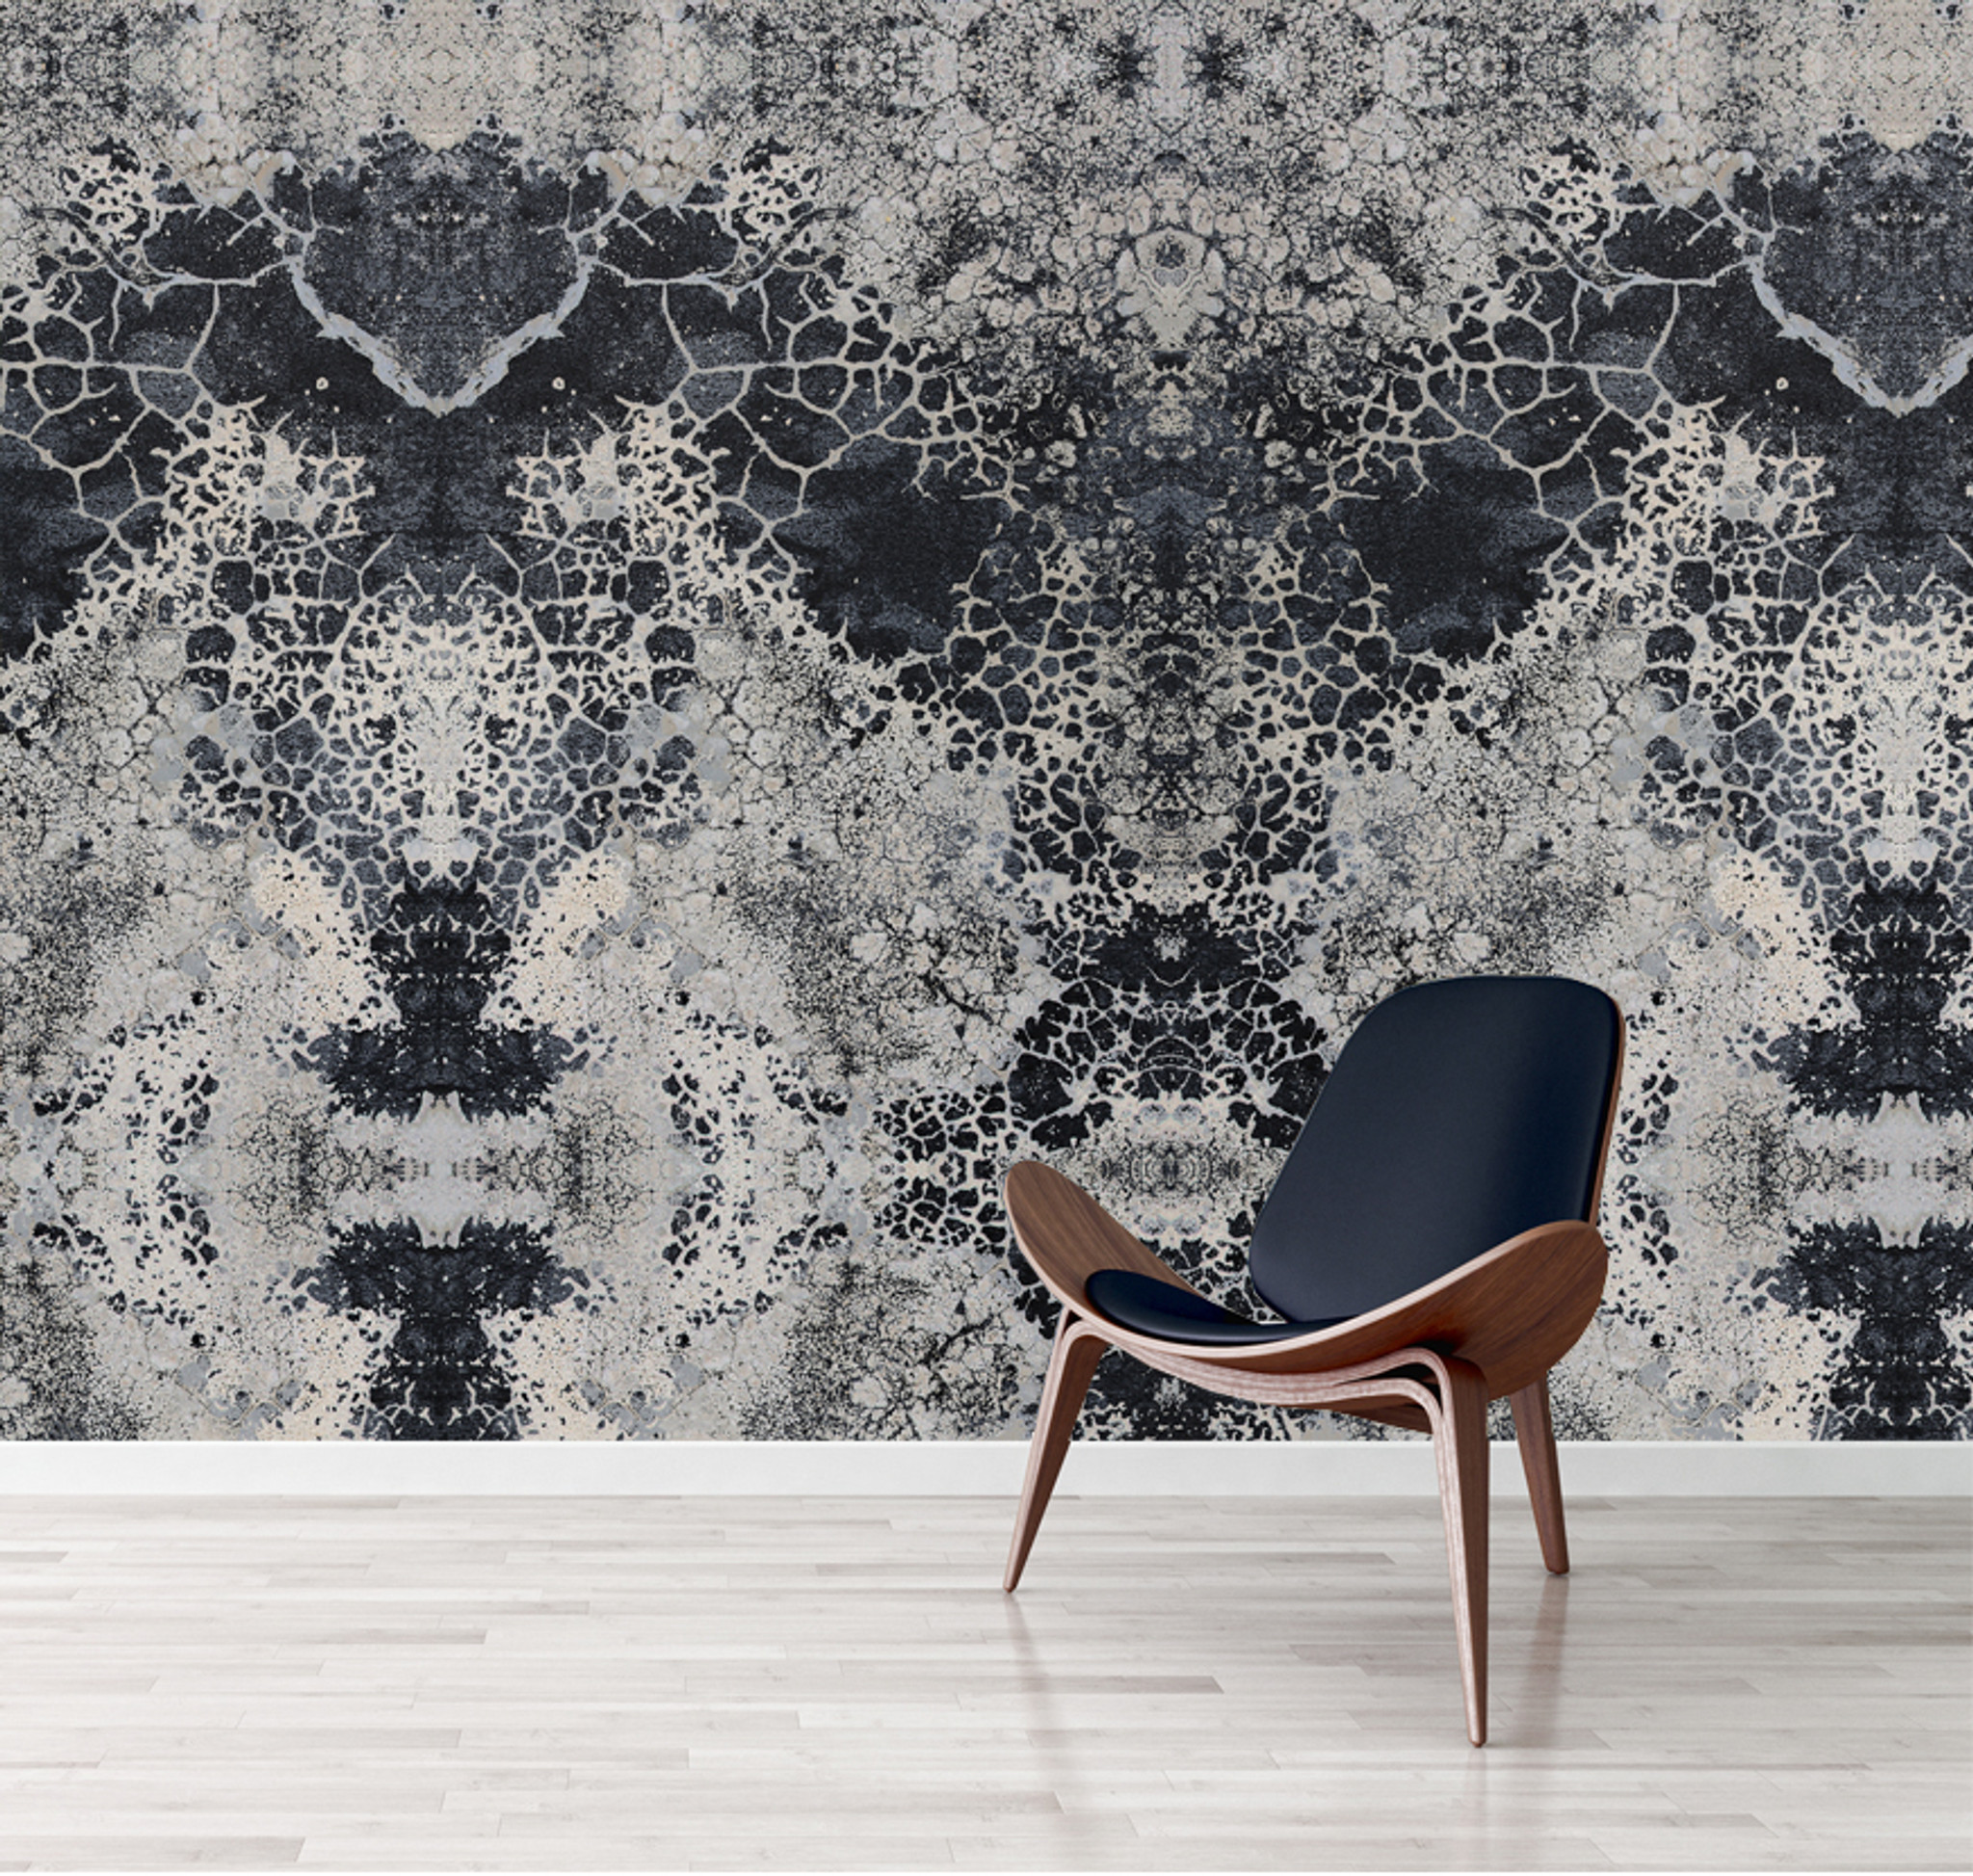 Wallpaper - Honeycomb Blues